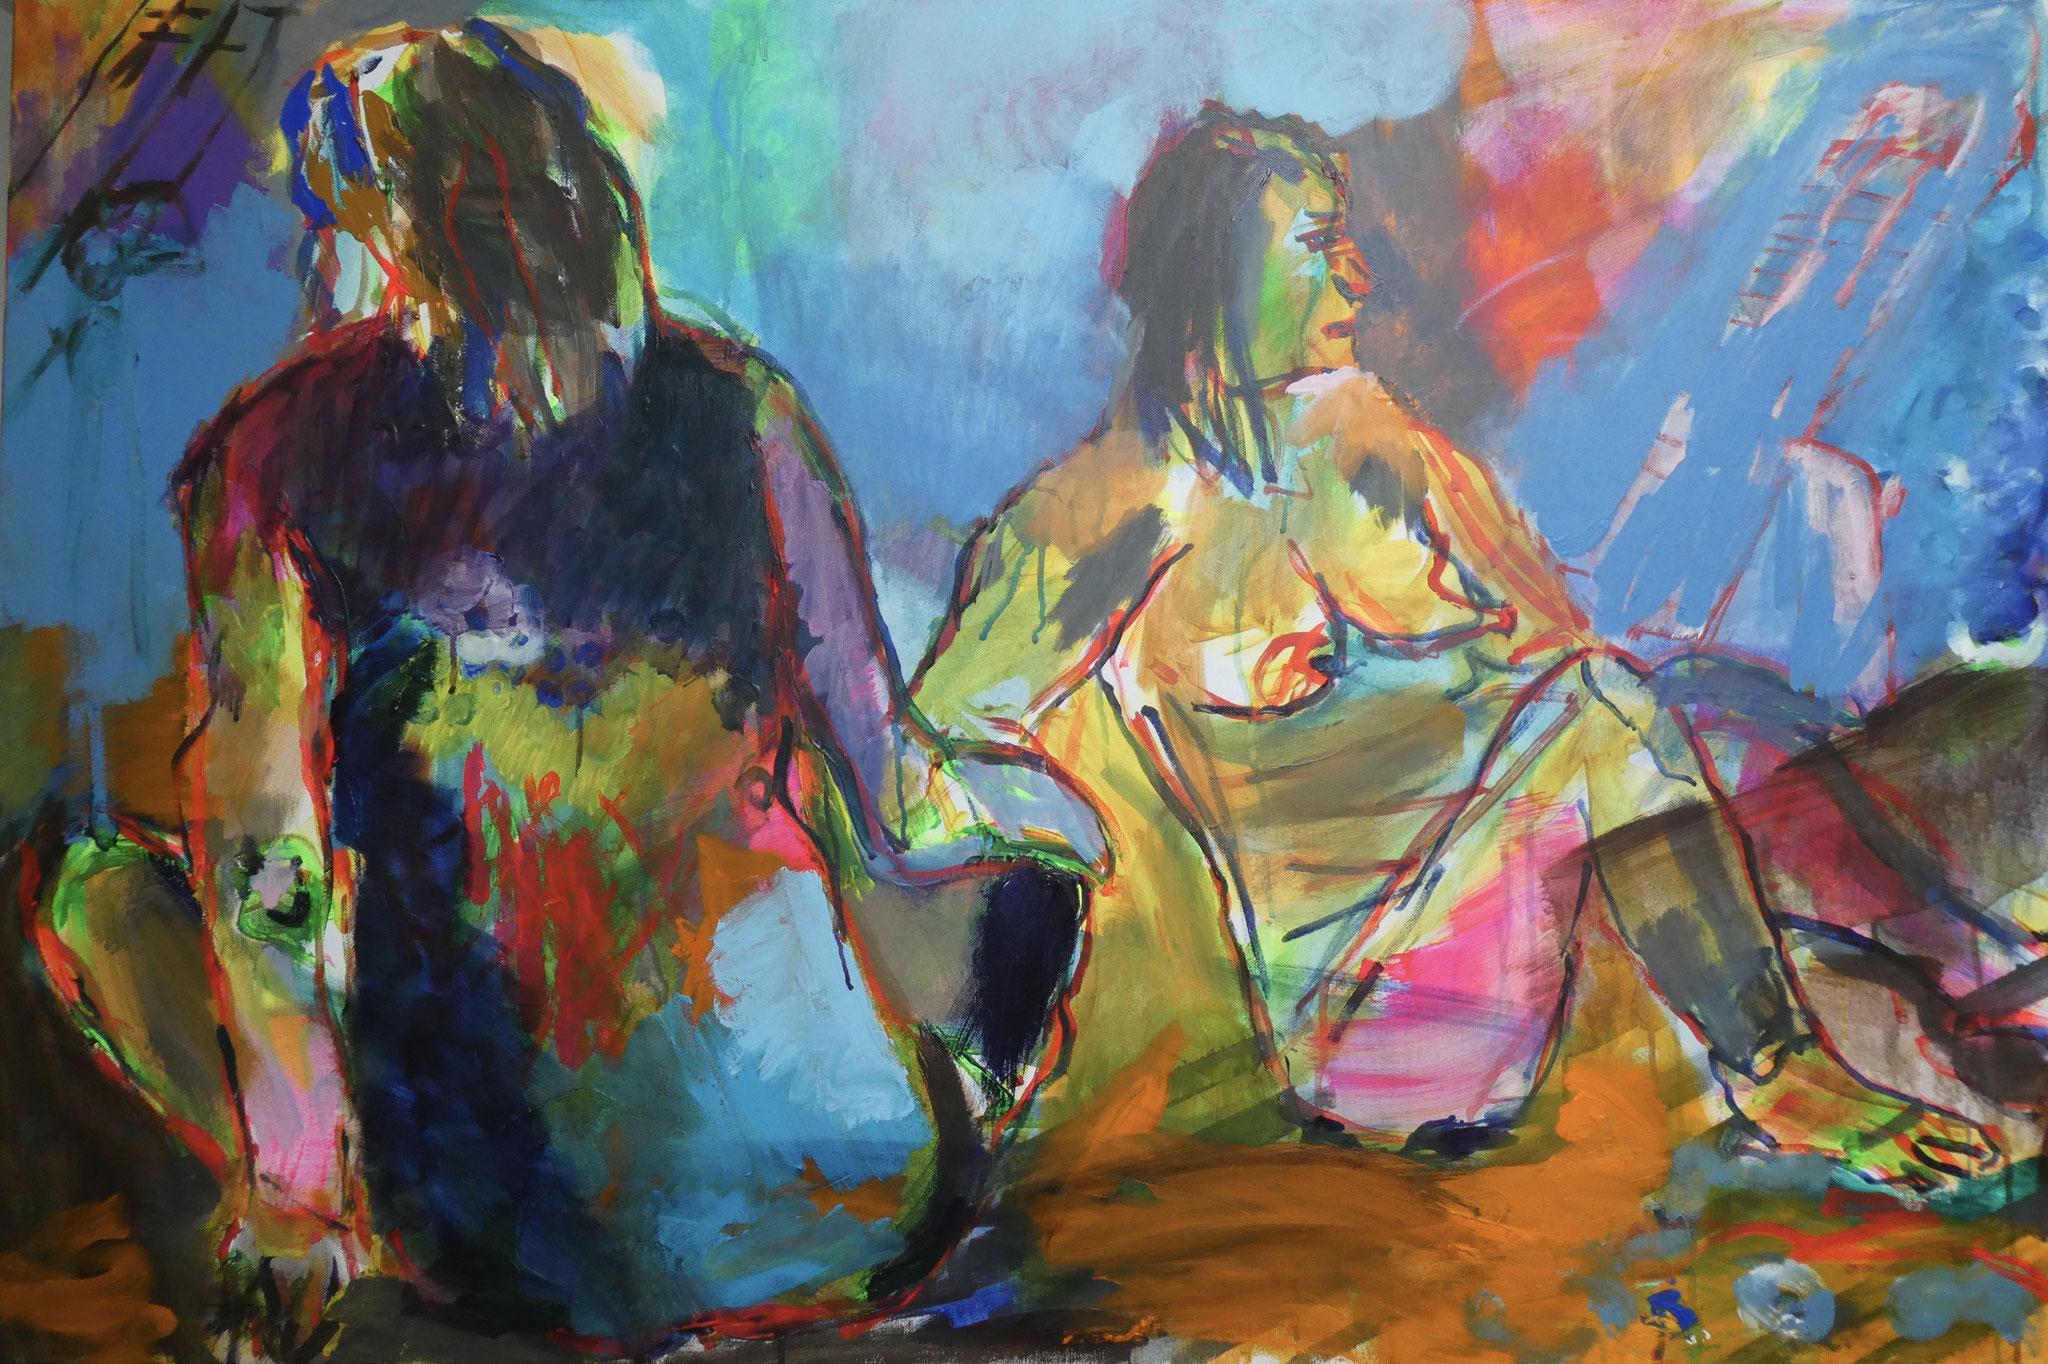 Akt 1, 80x120, acrylic on canvas